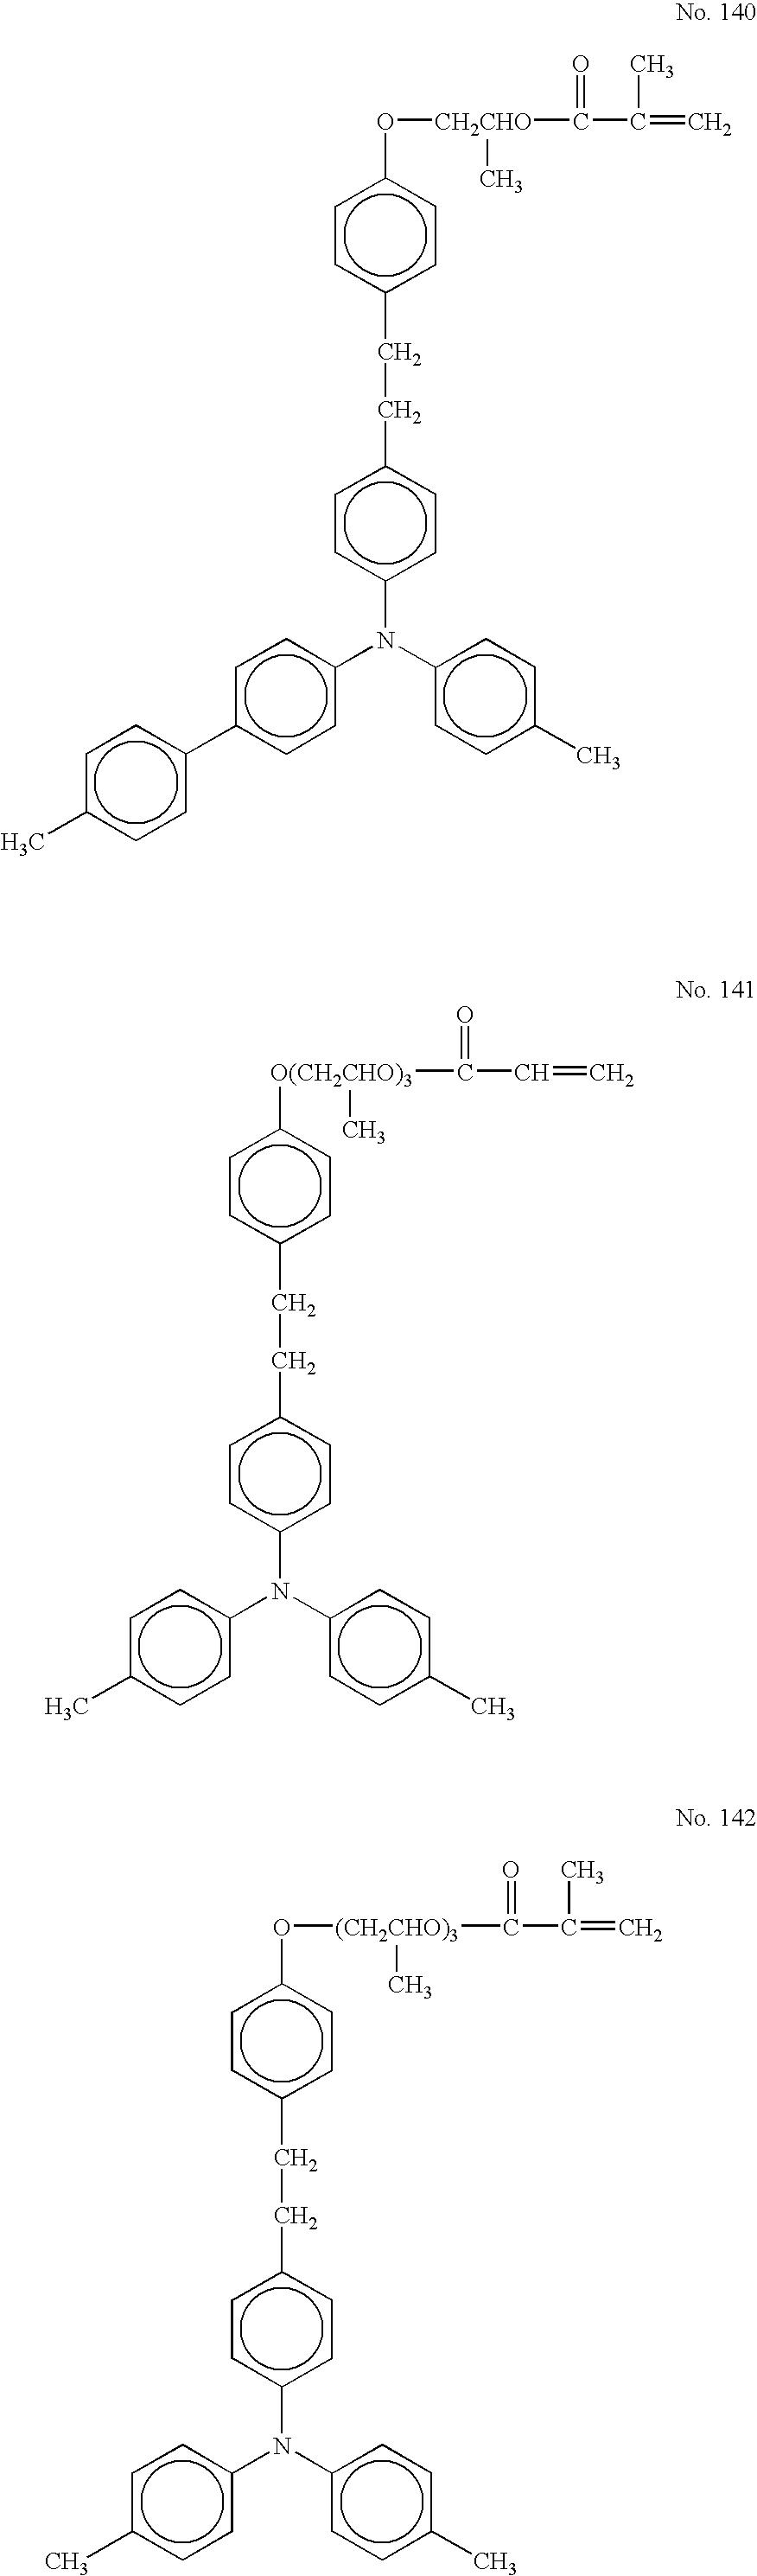 Figure US07175957-20070213-C00061